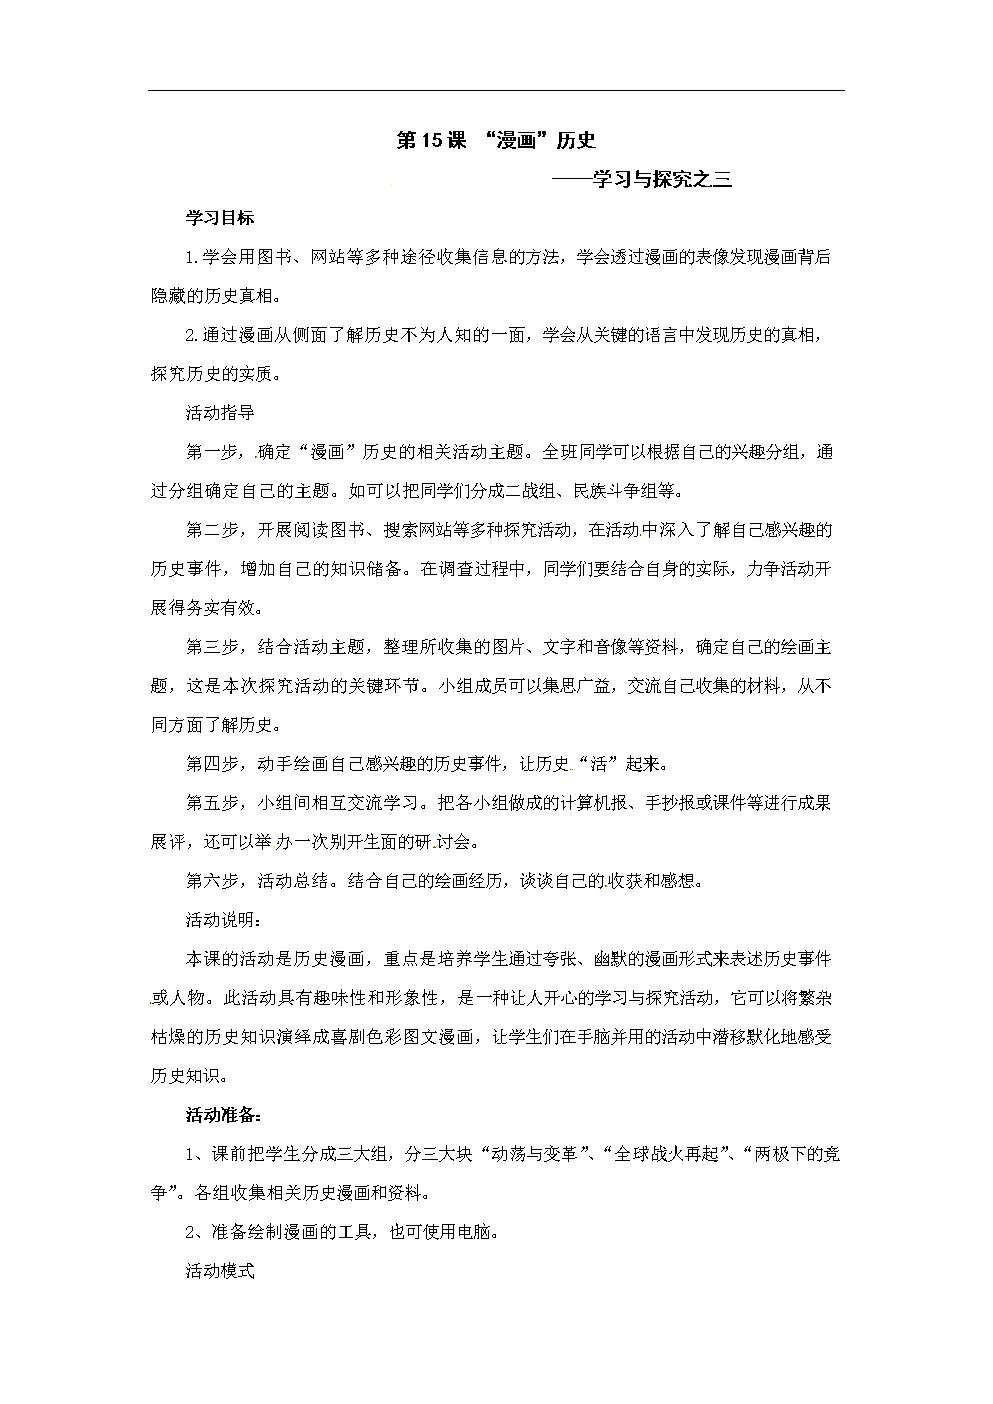 北师大版历史九下 漫画 历史 word同步测试.doc图片